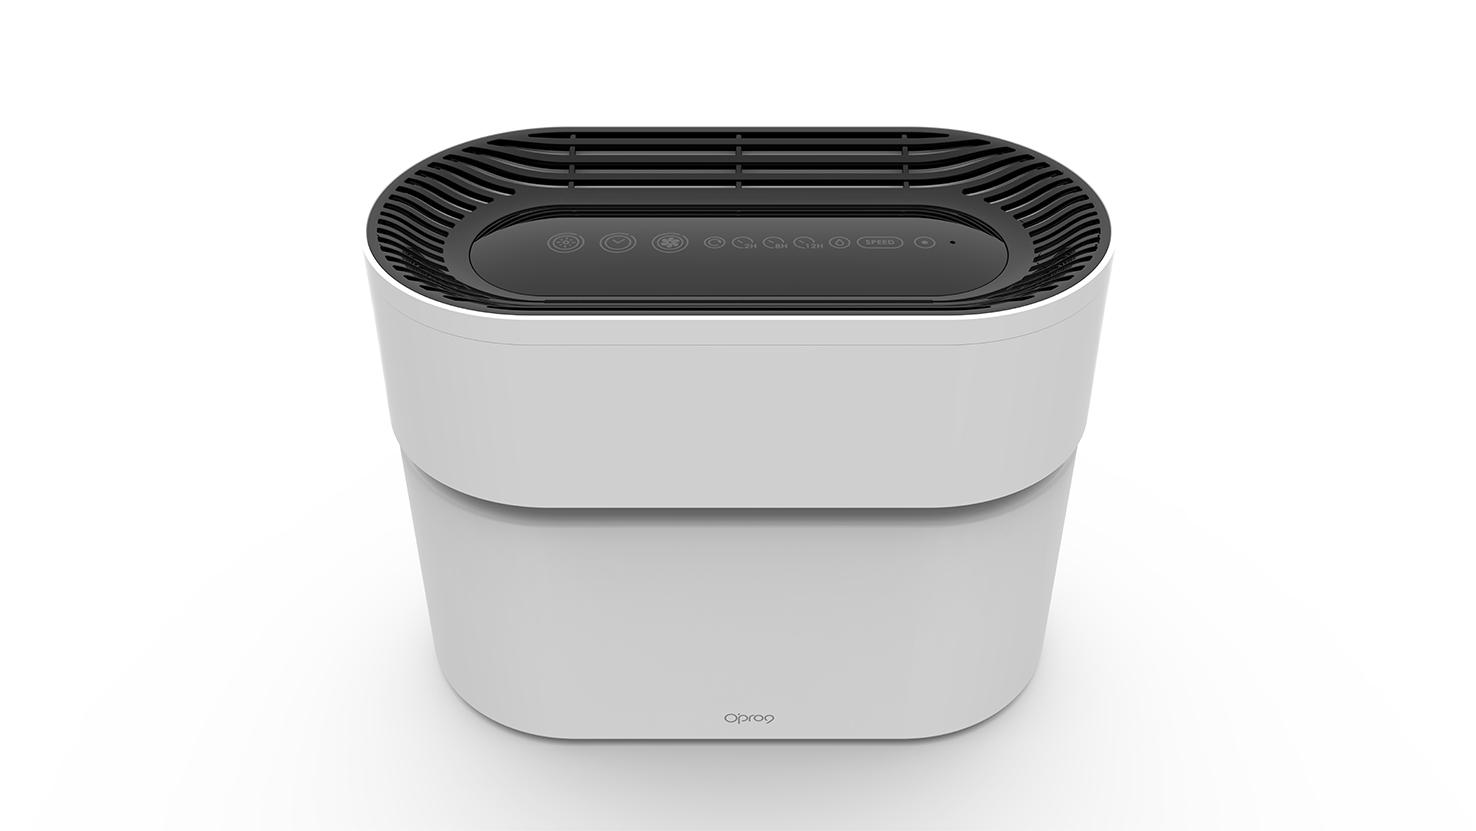 スマート空気清浄機 Opro9-瀚雲科技有限公司(CviCloud)